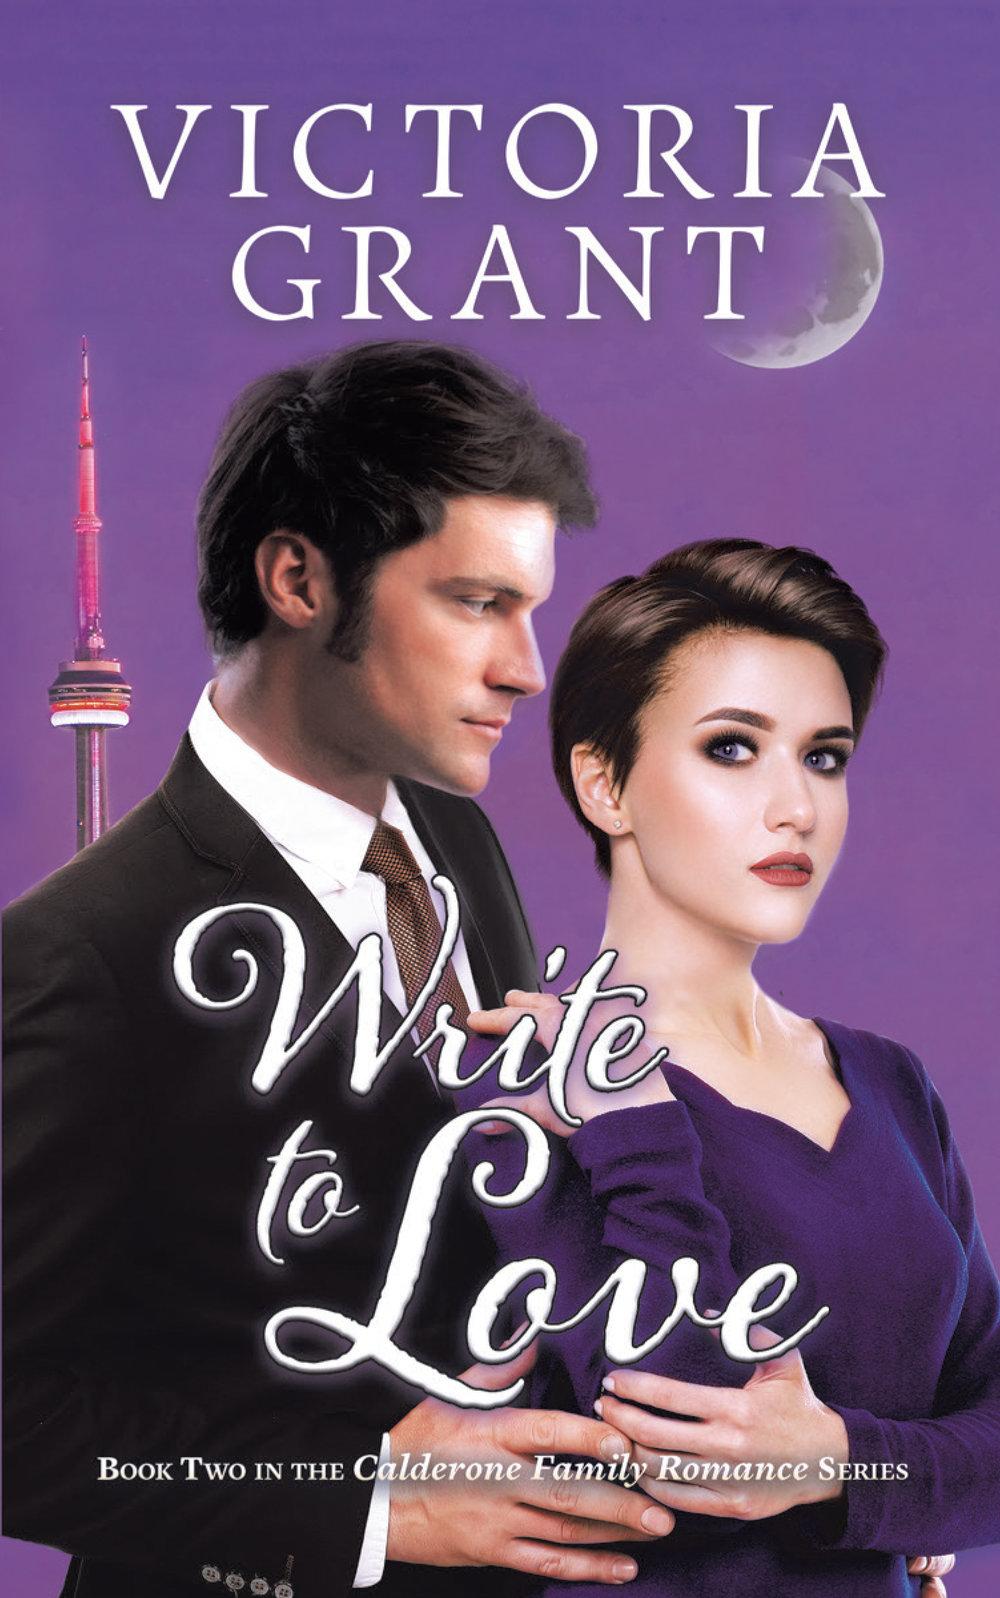 Write to Love - Victoria Grant.jpg